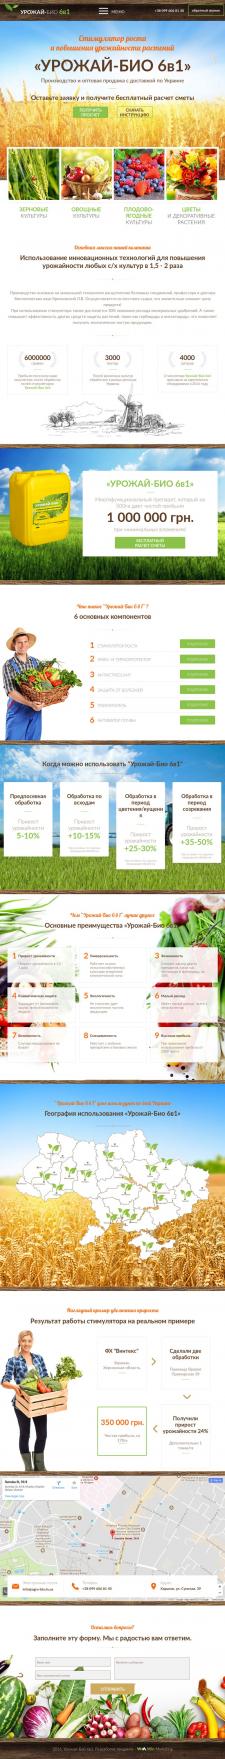 Урожай-Био 6в1